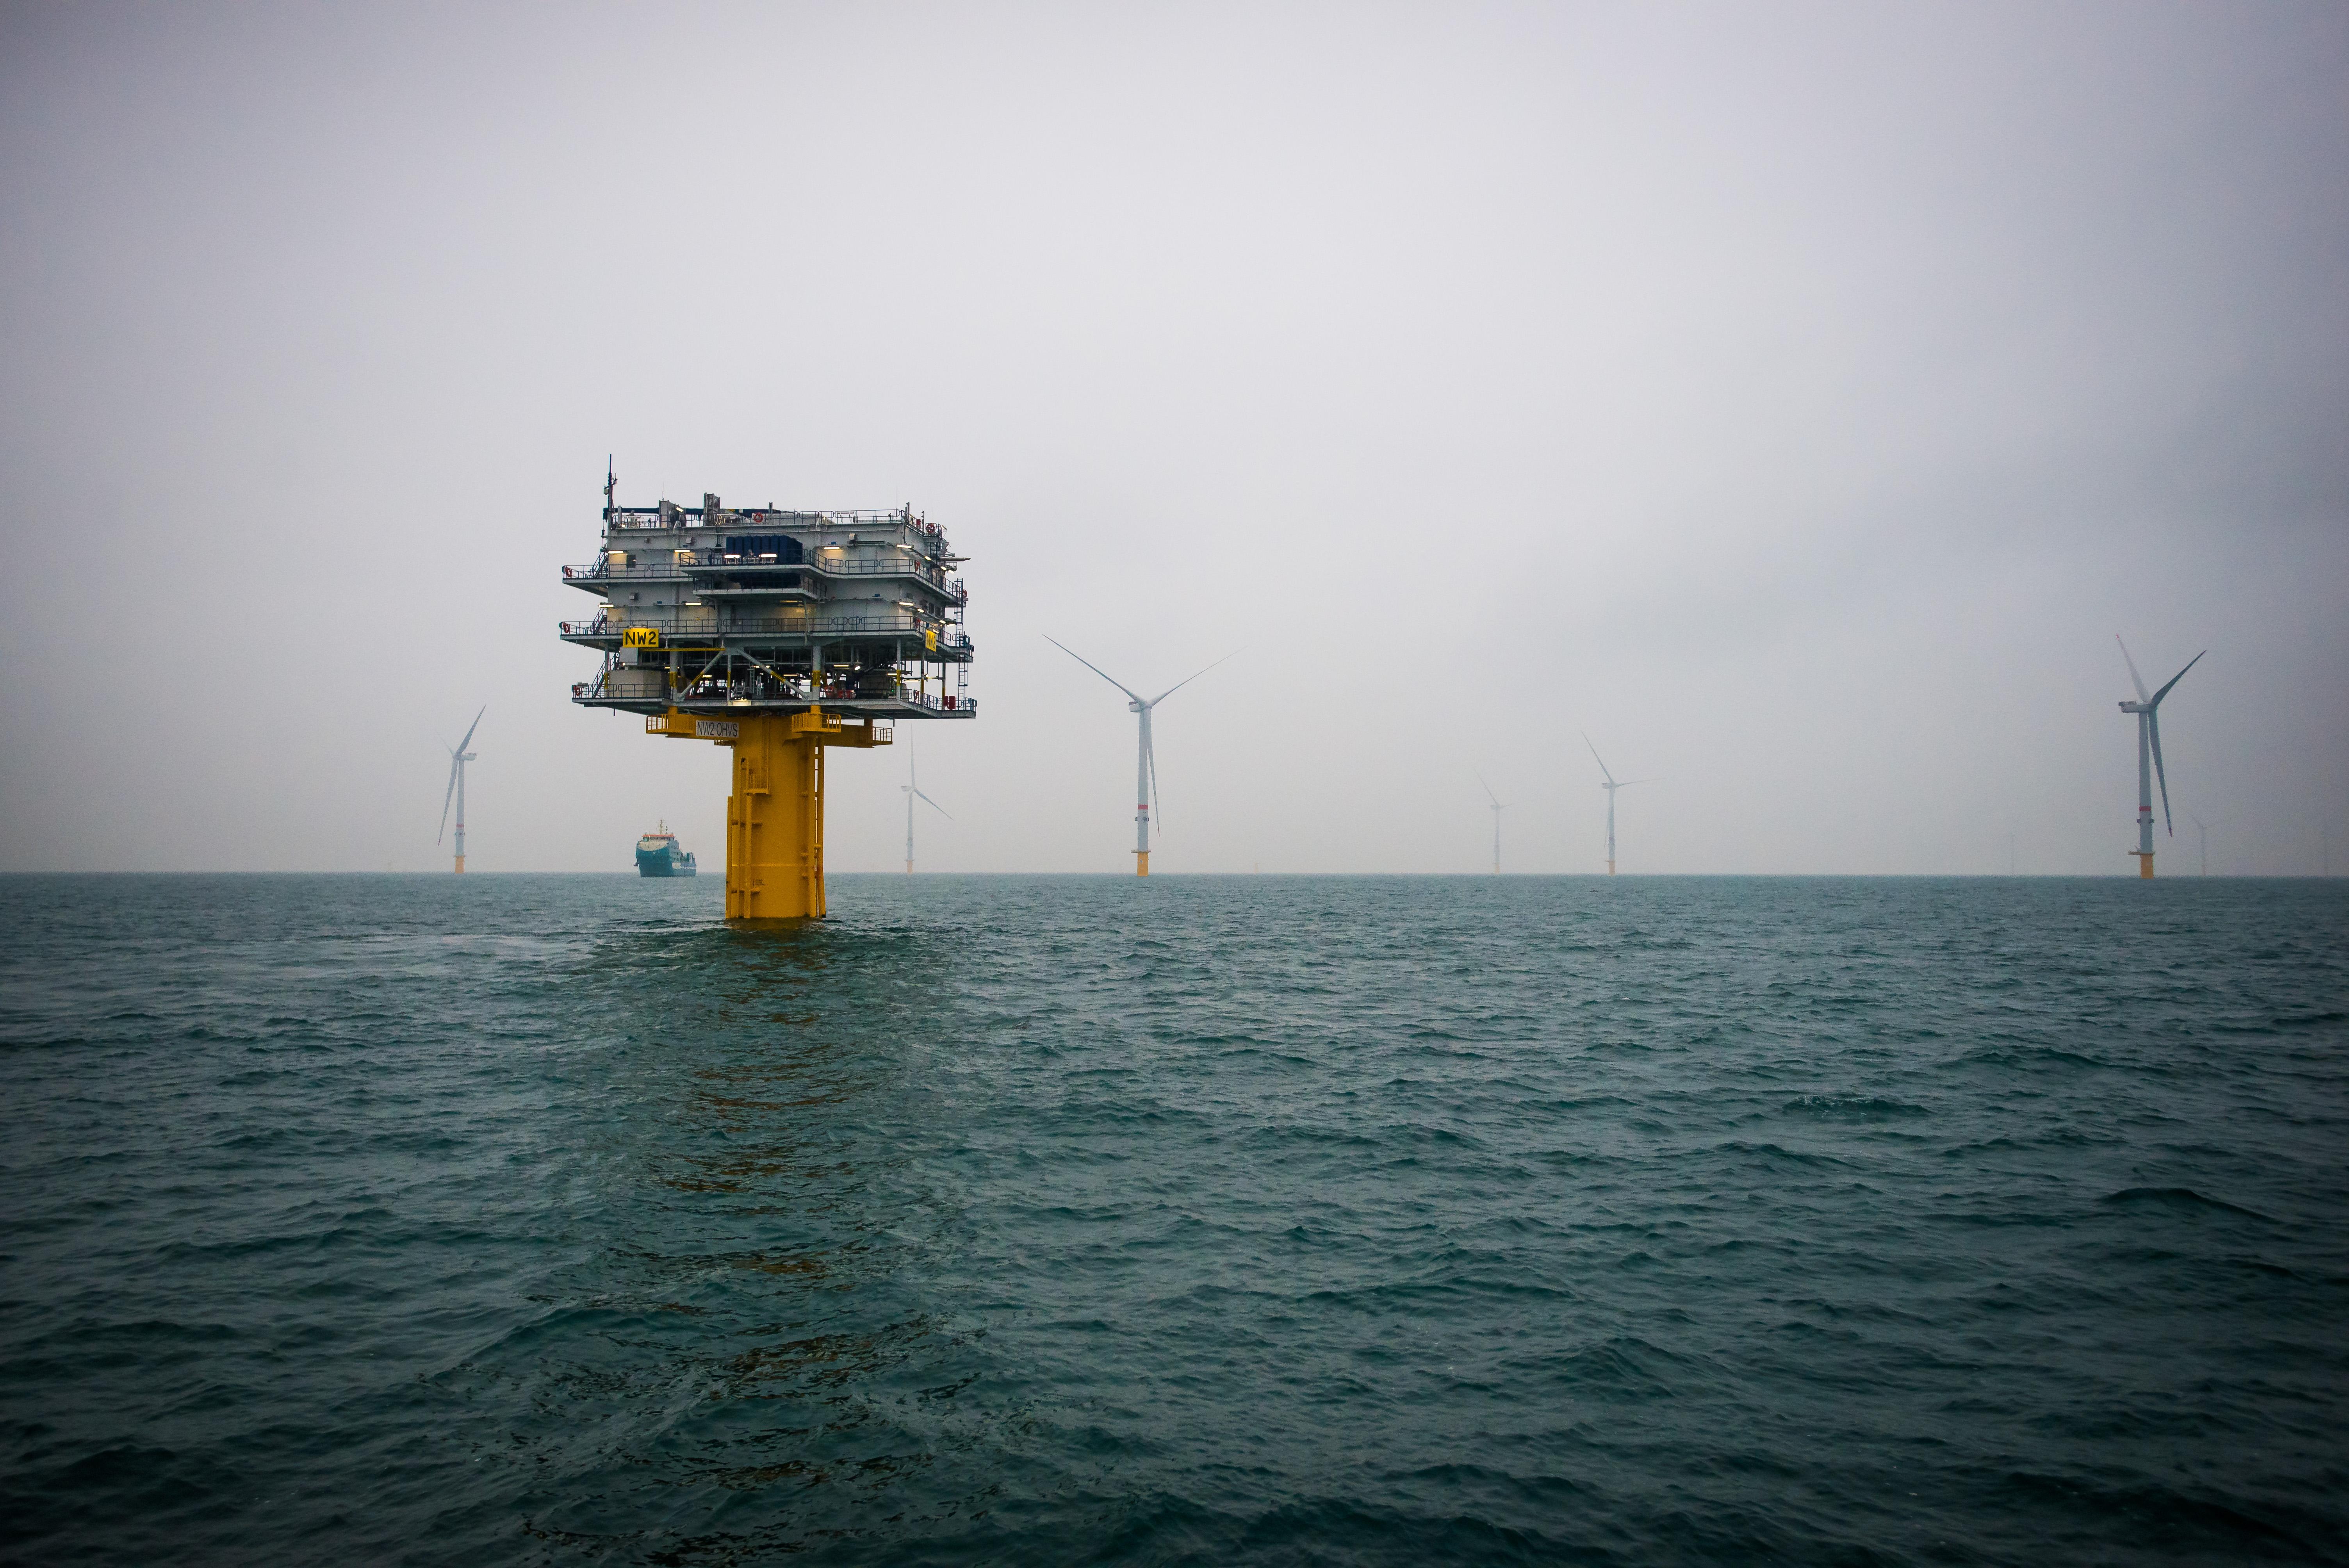 Northwester 2 OHVS (Offshore High Voltage Station)